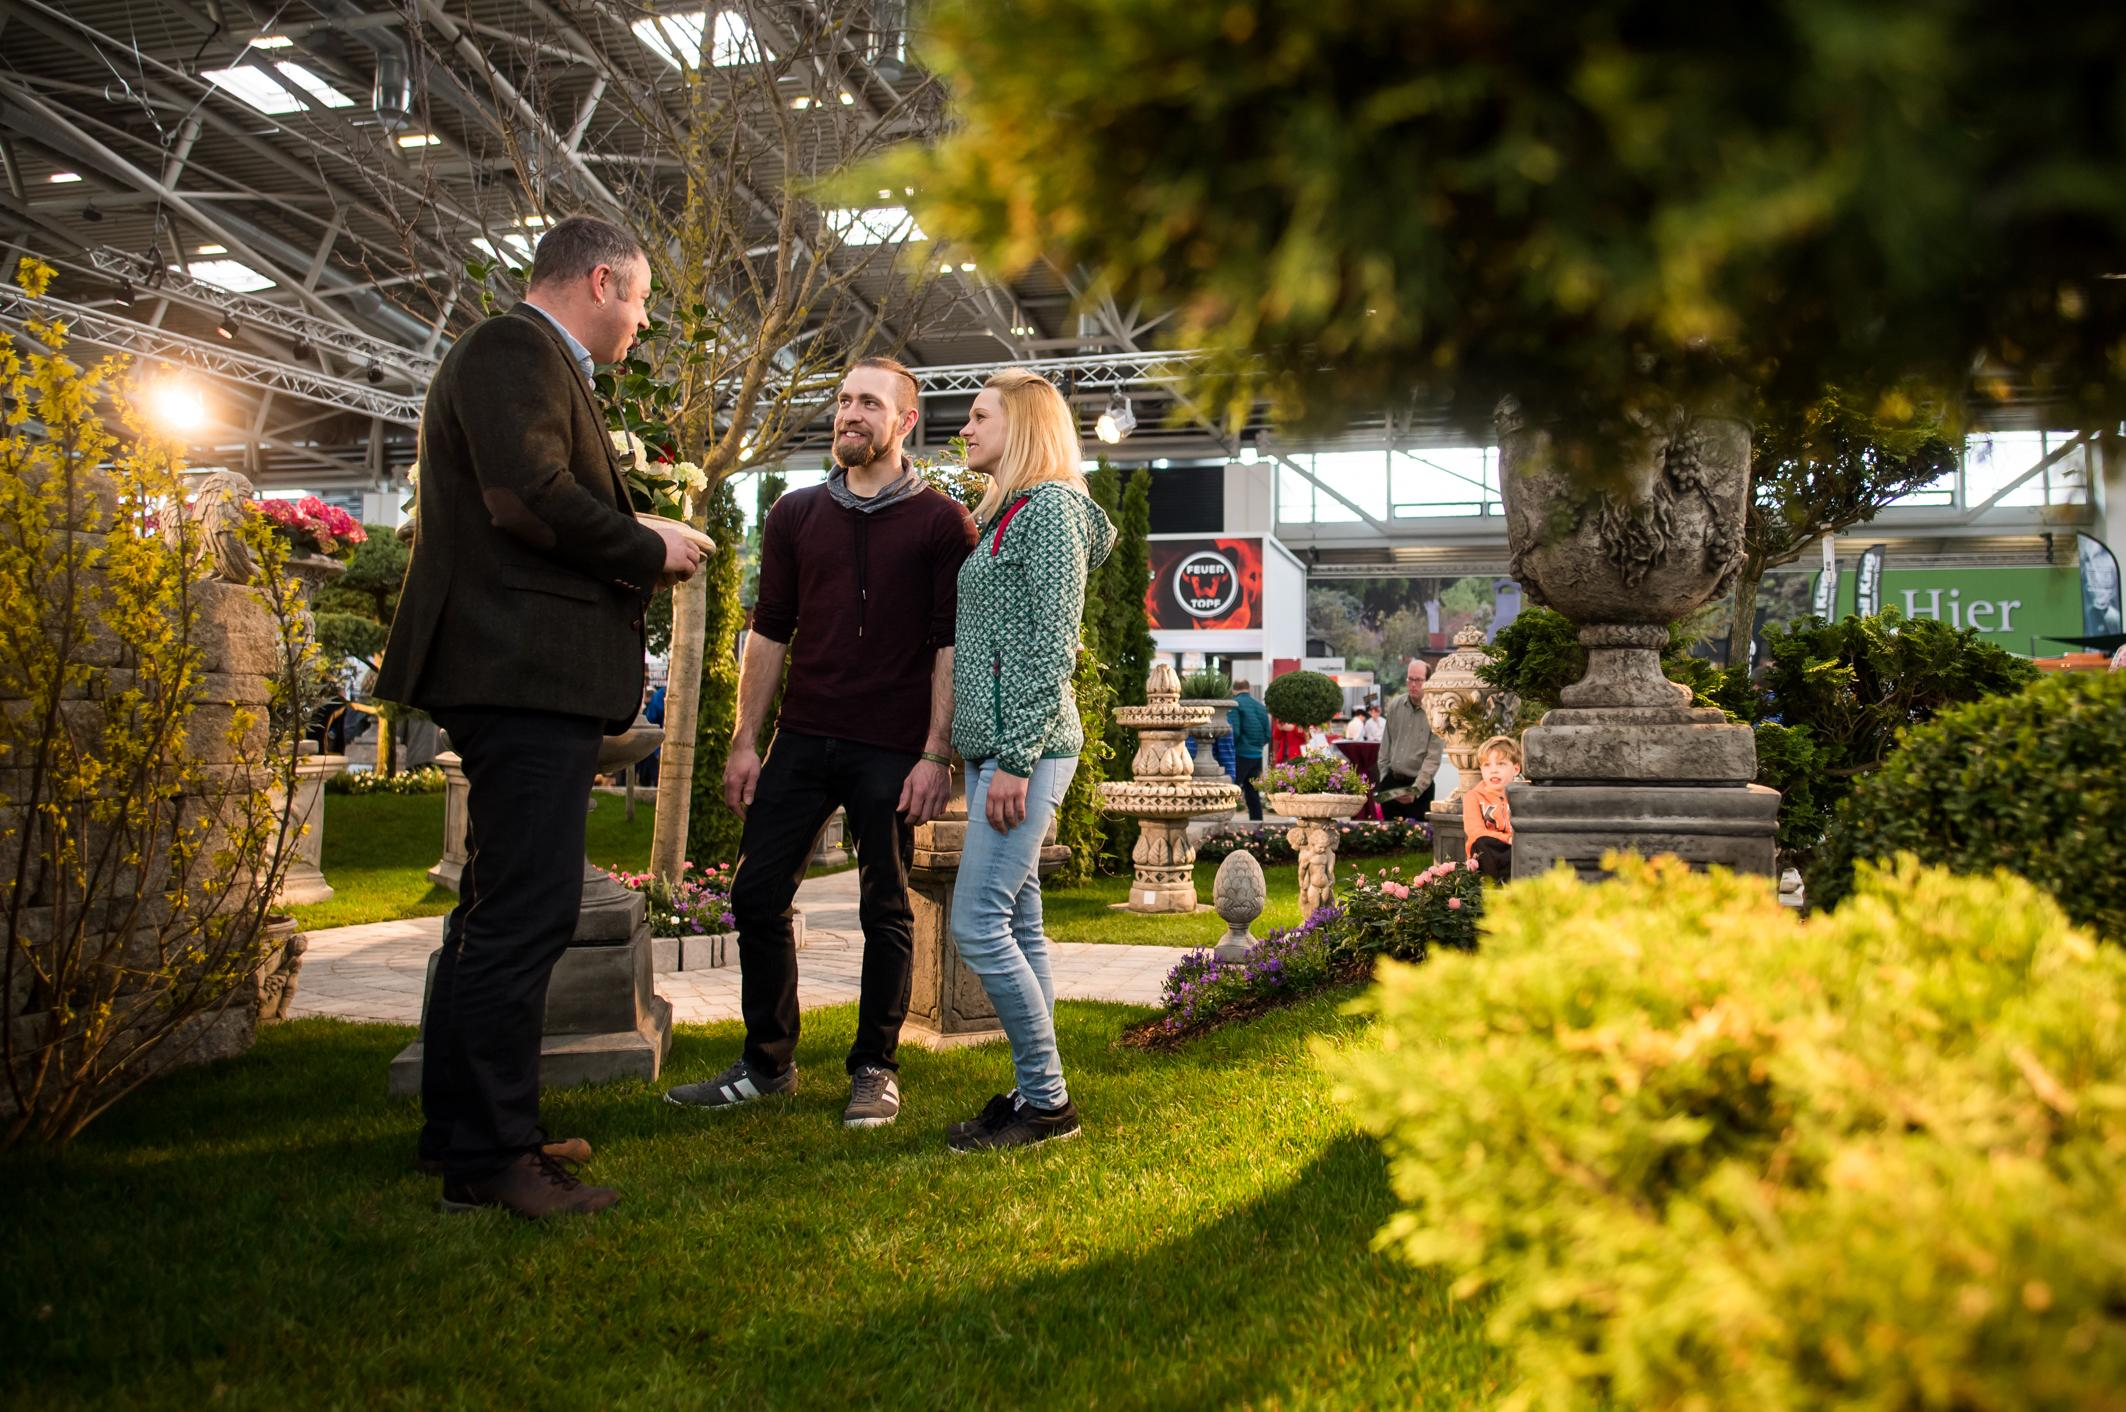 Outdoorküche Garten Forum : Garten münchen schöne gärten grillshows und orientalische